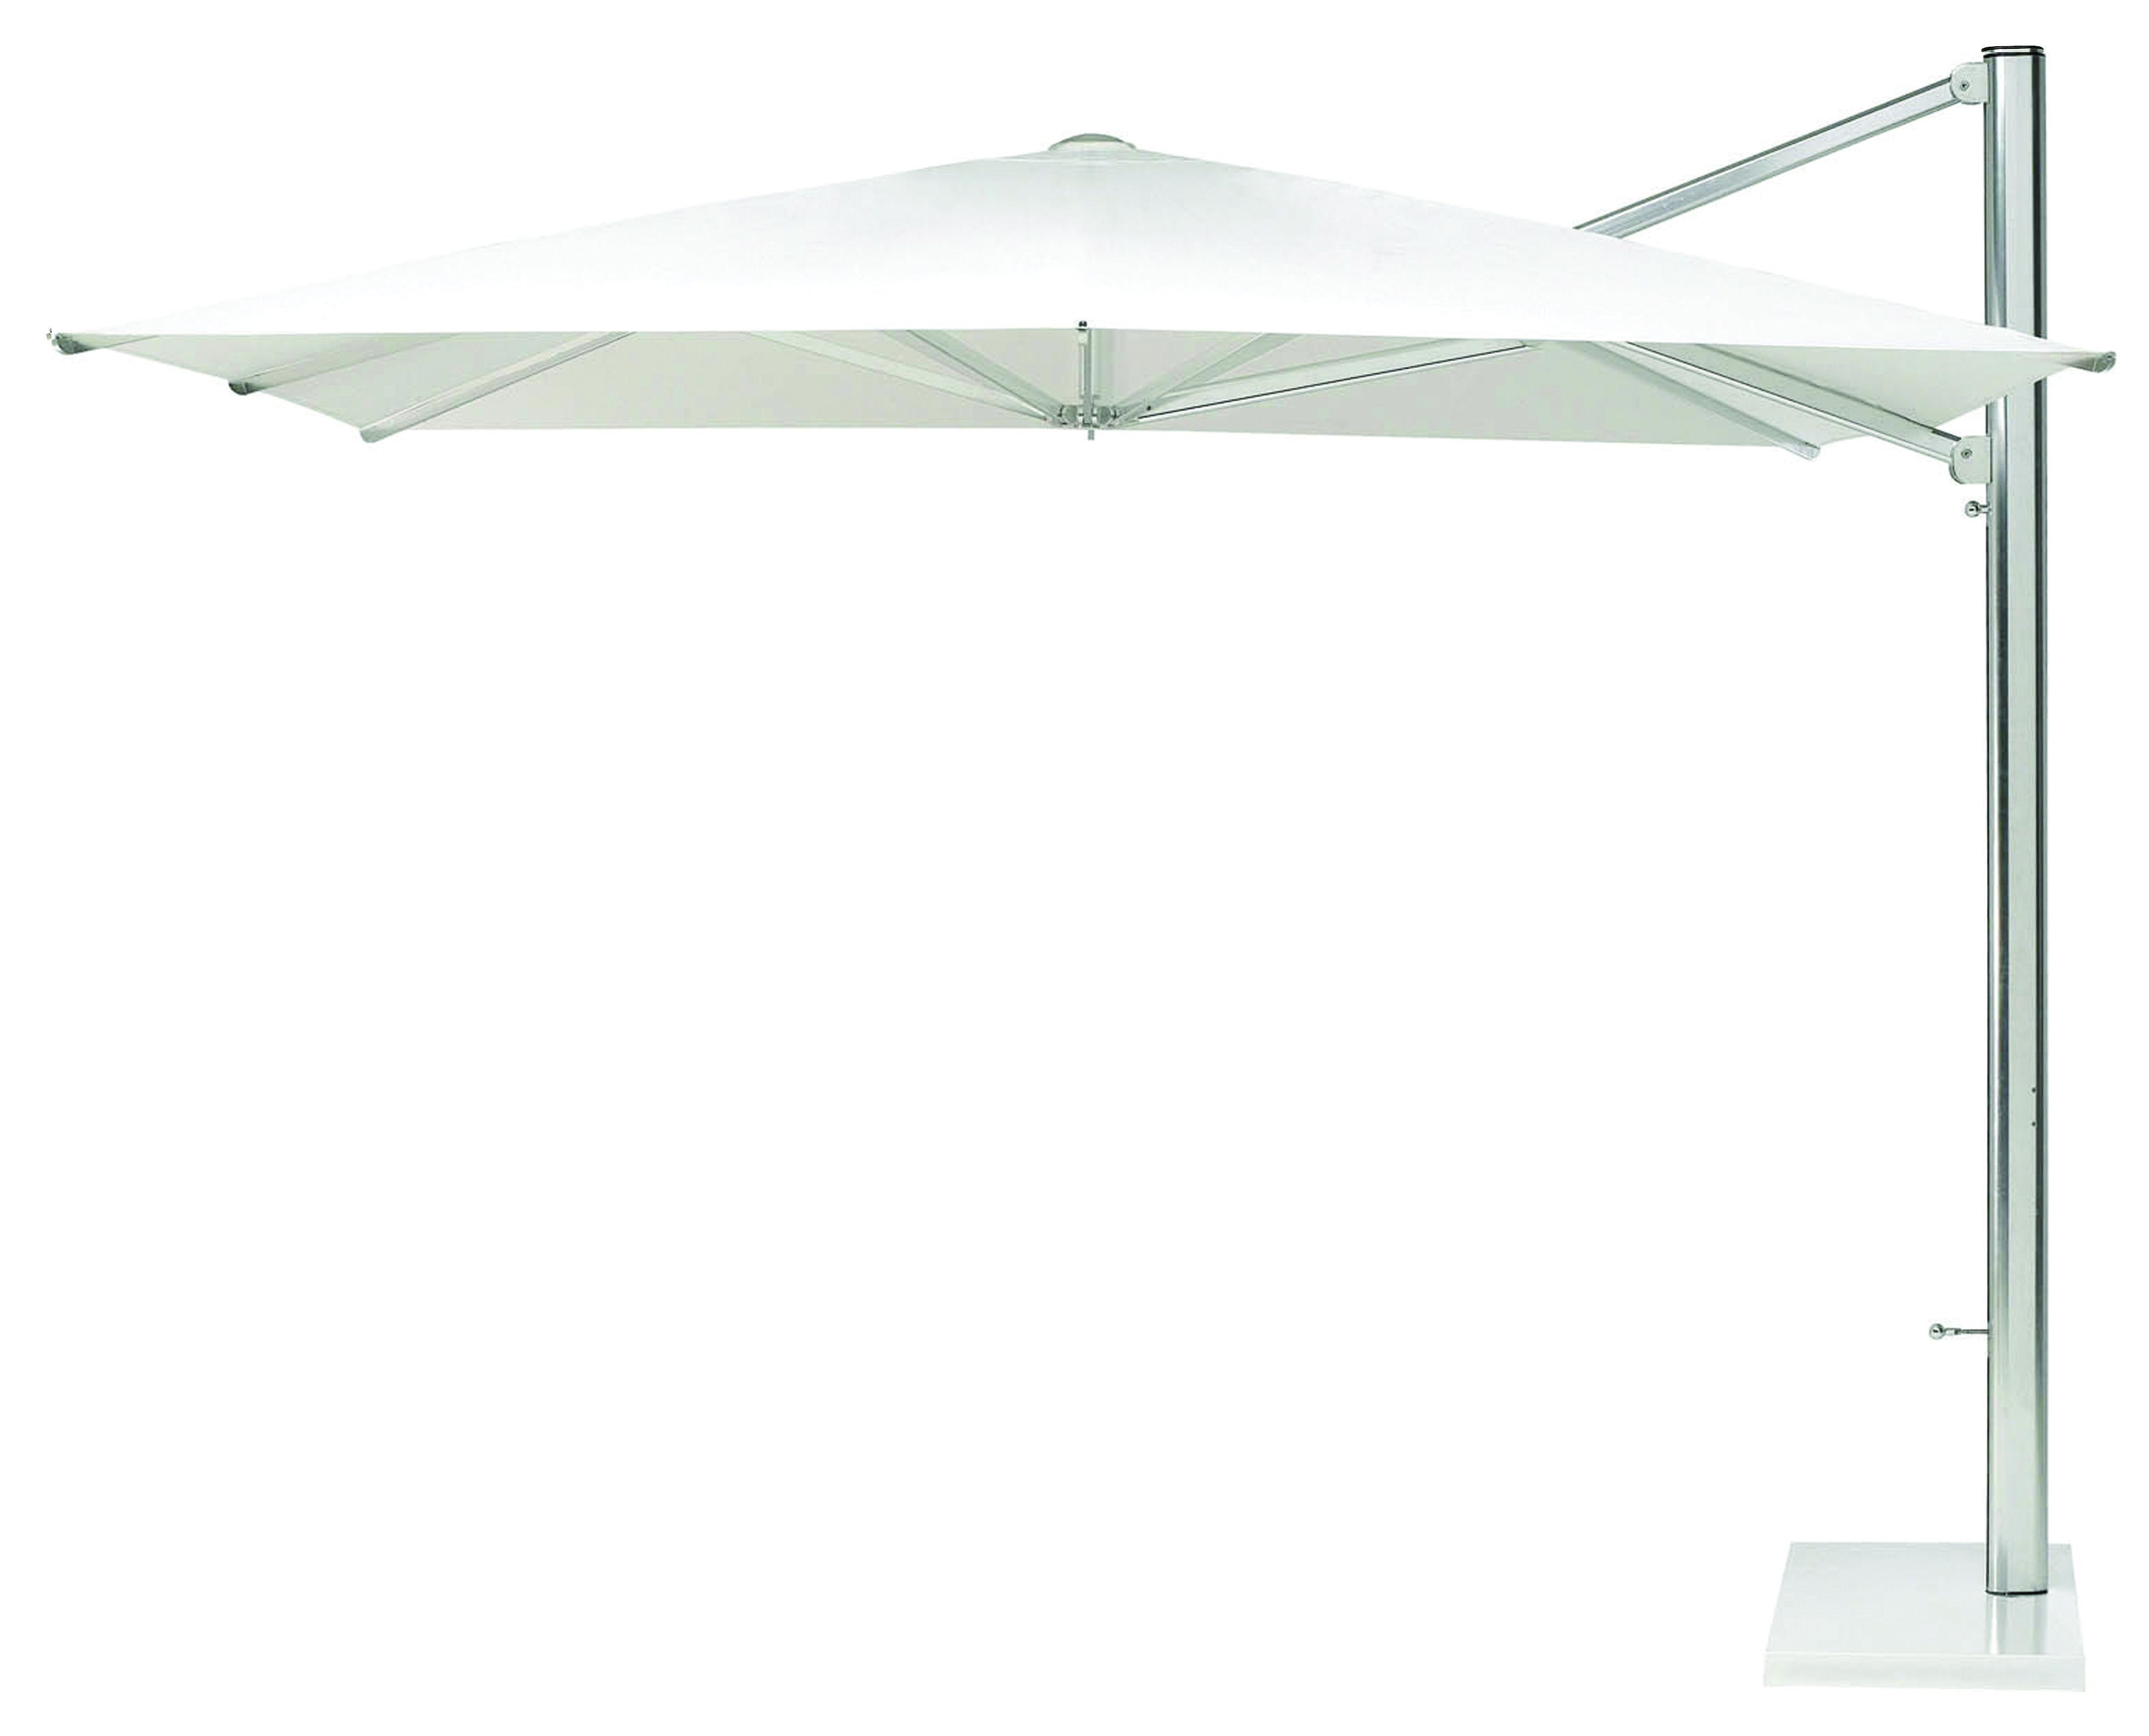 Outdoor - Sonnenschirme - Shade Freiarmschirm / mit seitlichem Fuß - 320 x 400 cm - Emu - Bespannung weiß / Mast aluminium / Standfuß weiß - Metall, Polyester-Gewebe